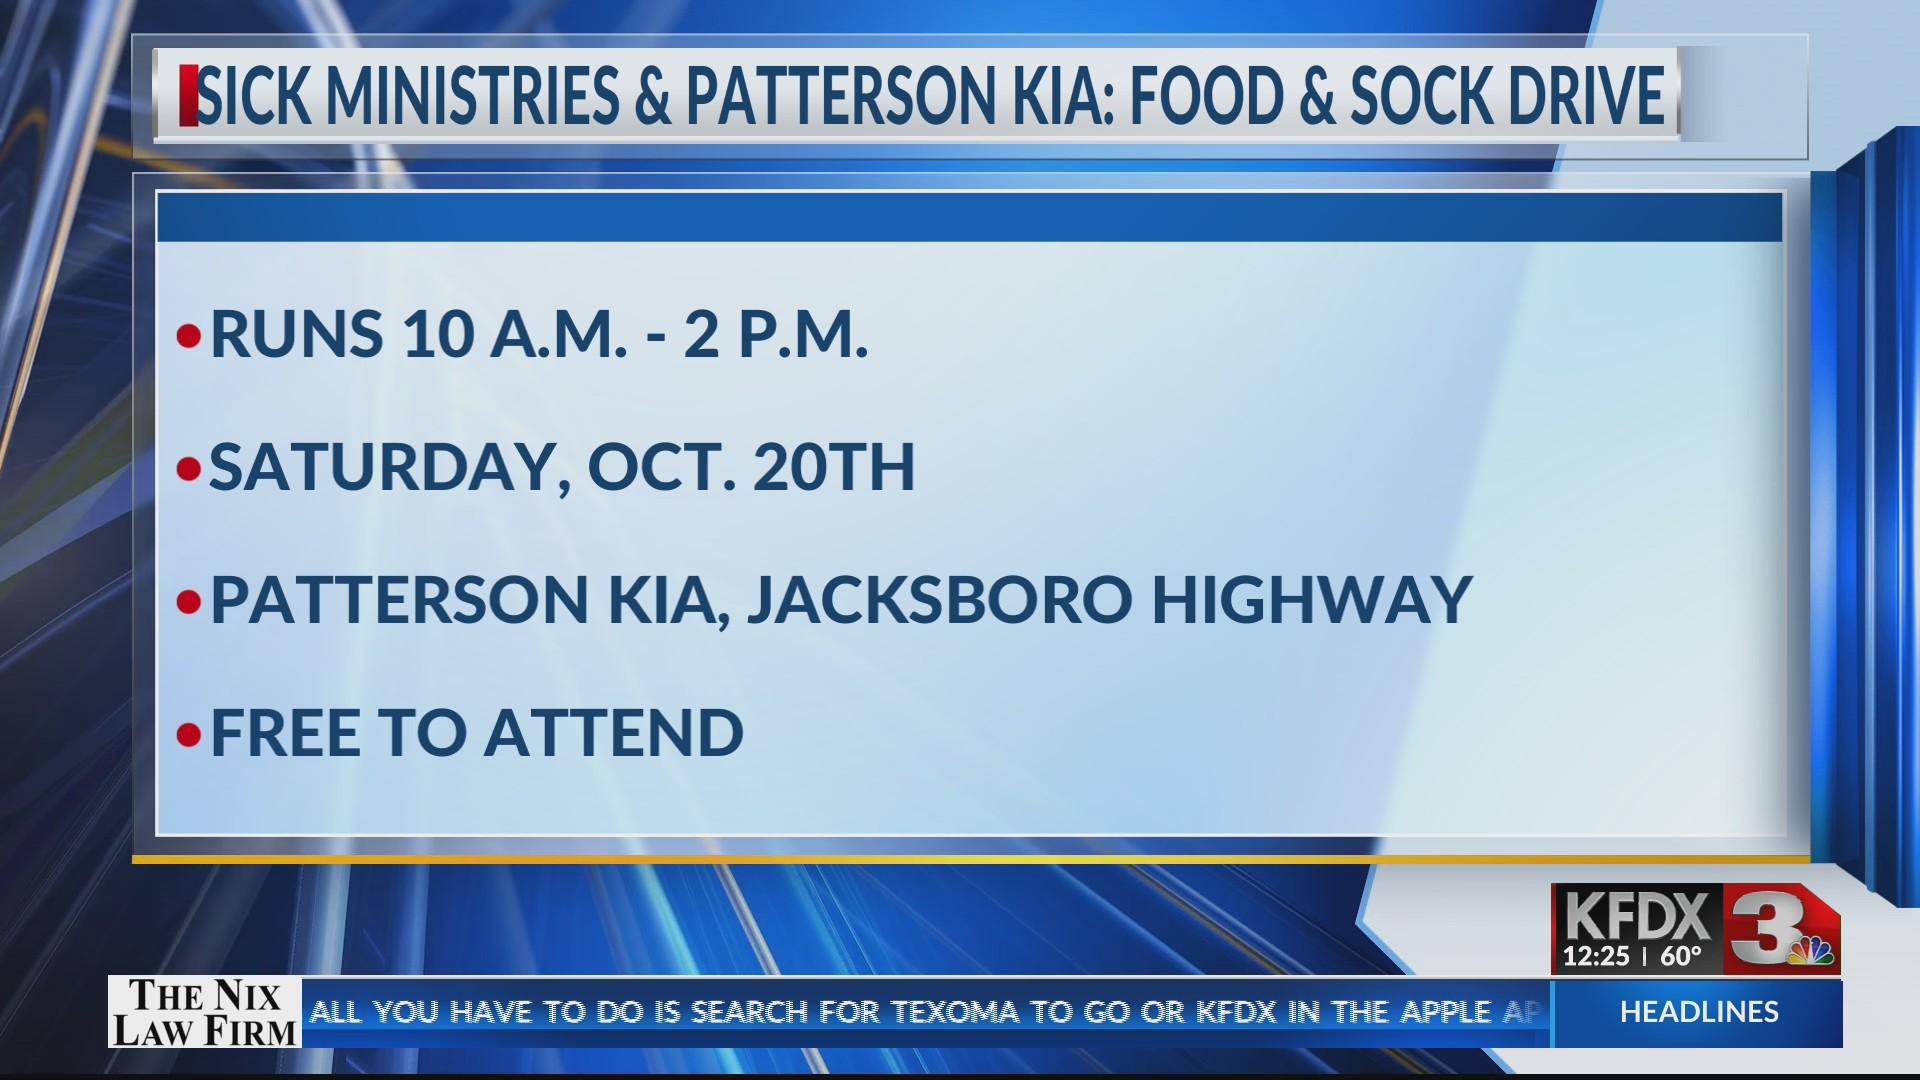 Sick Ministries & Patterson Kia food and sock drive